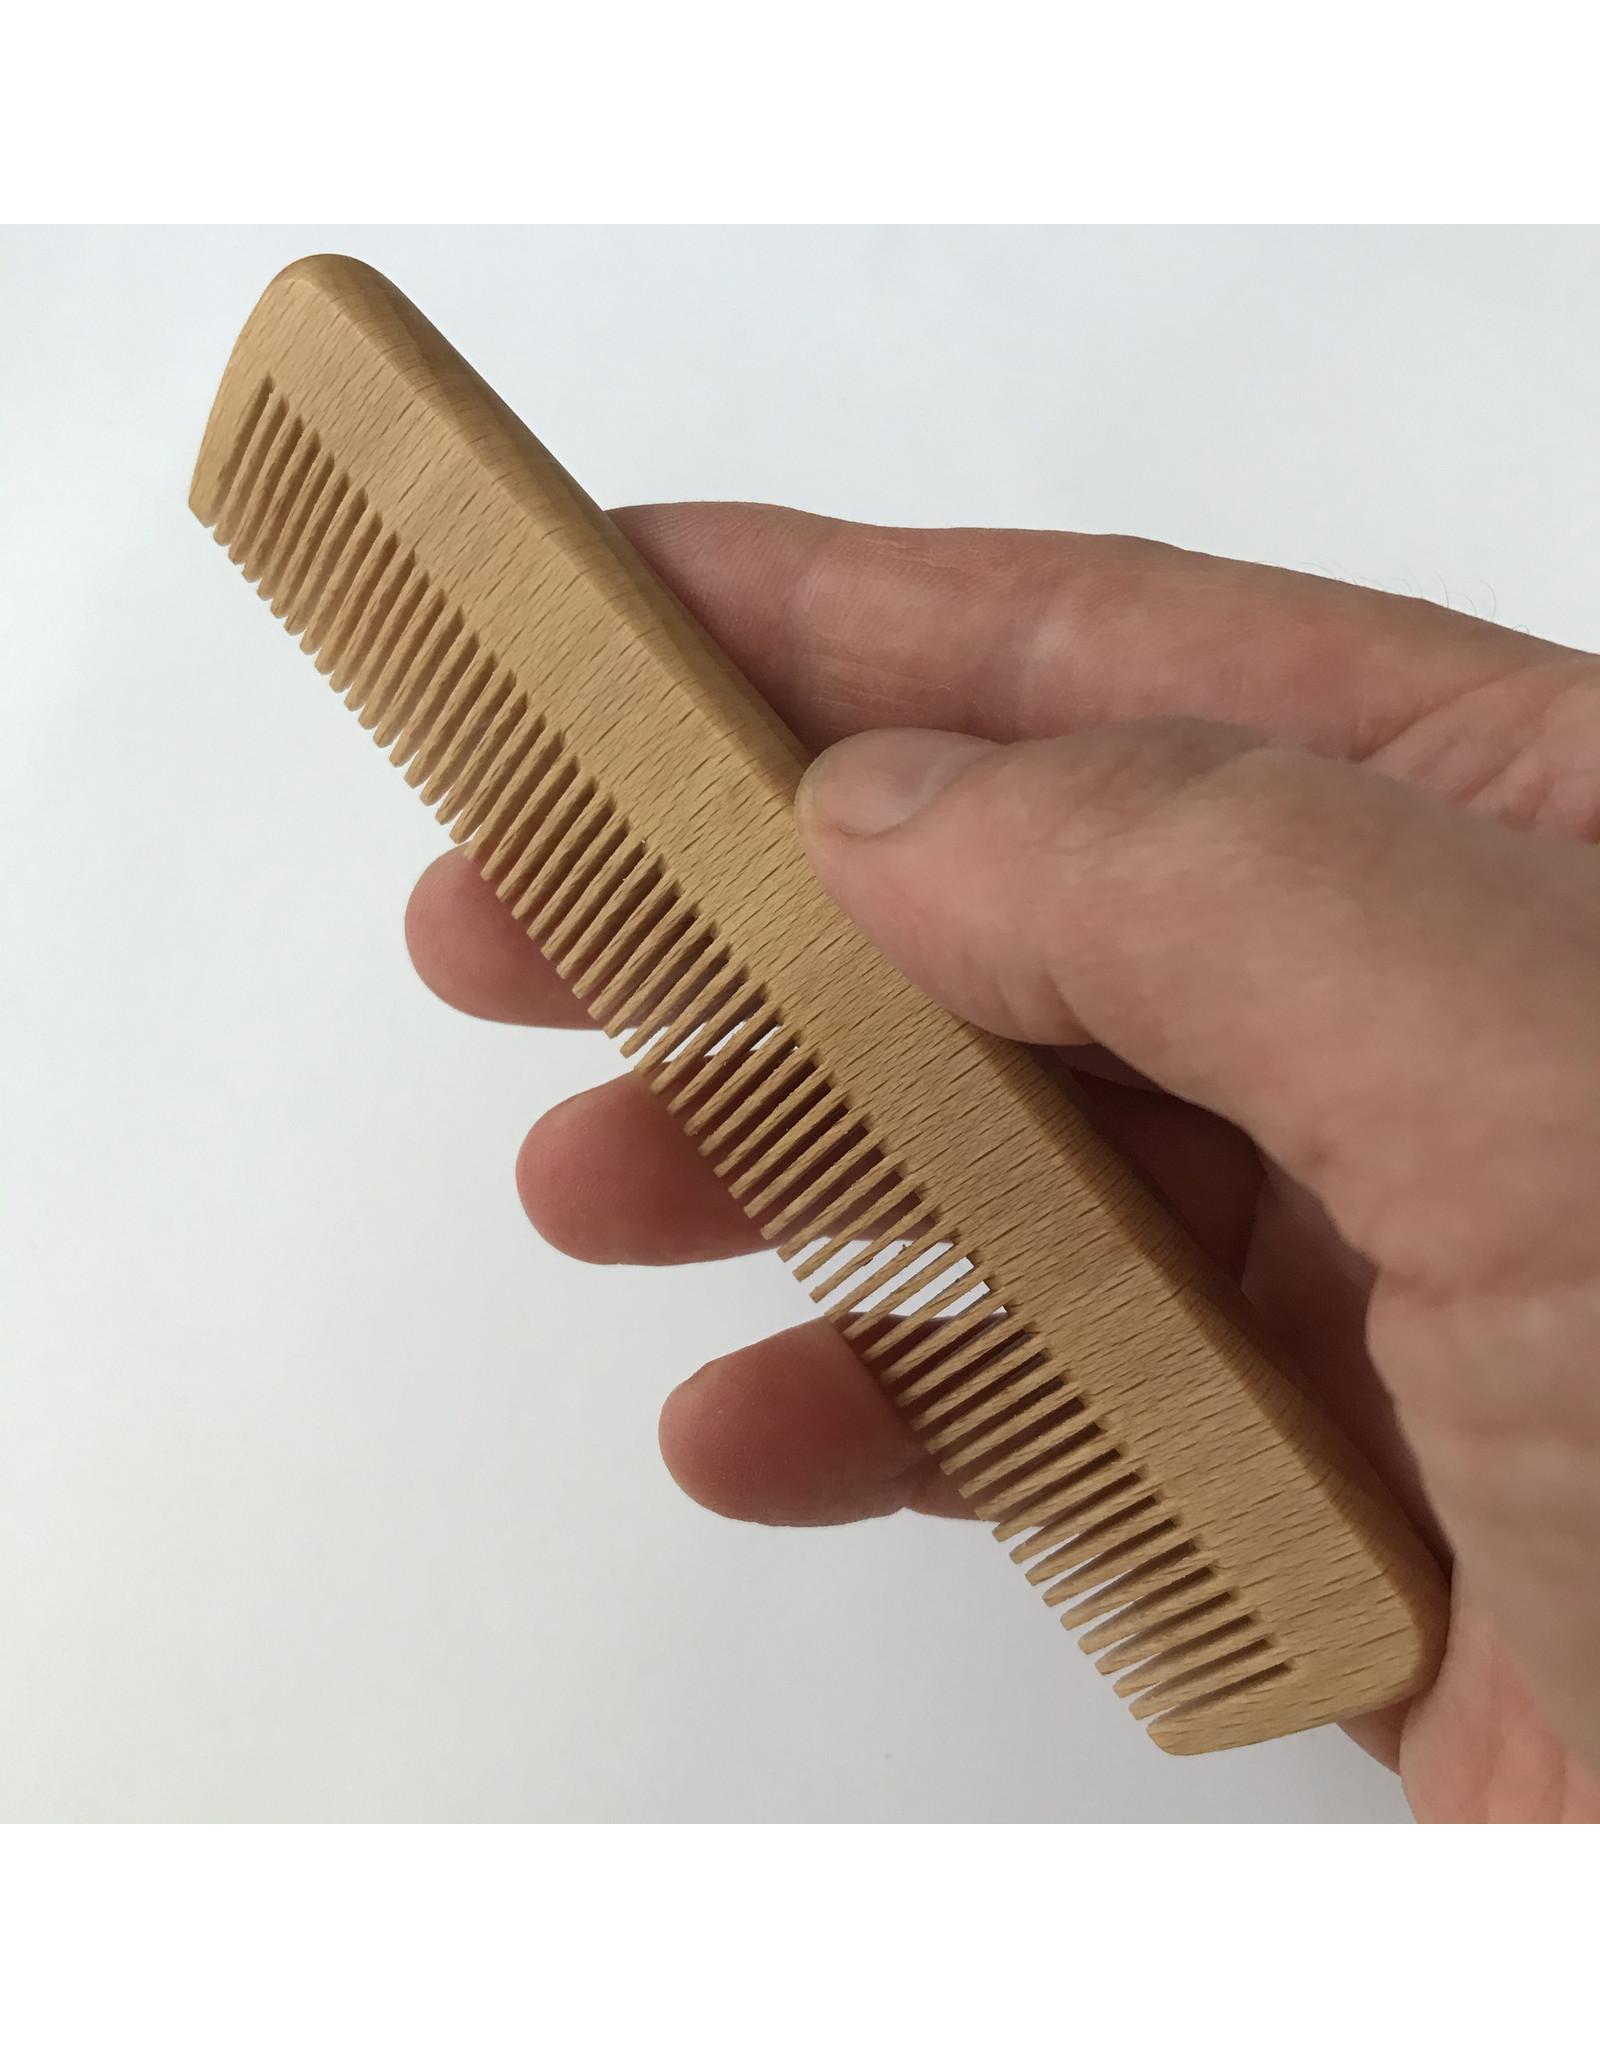 Wooden Baby Comb